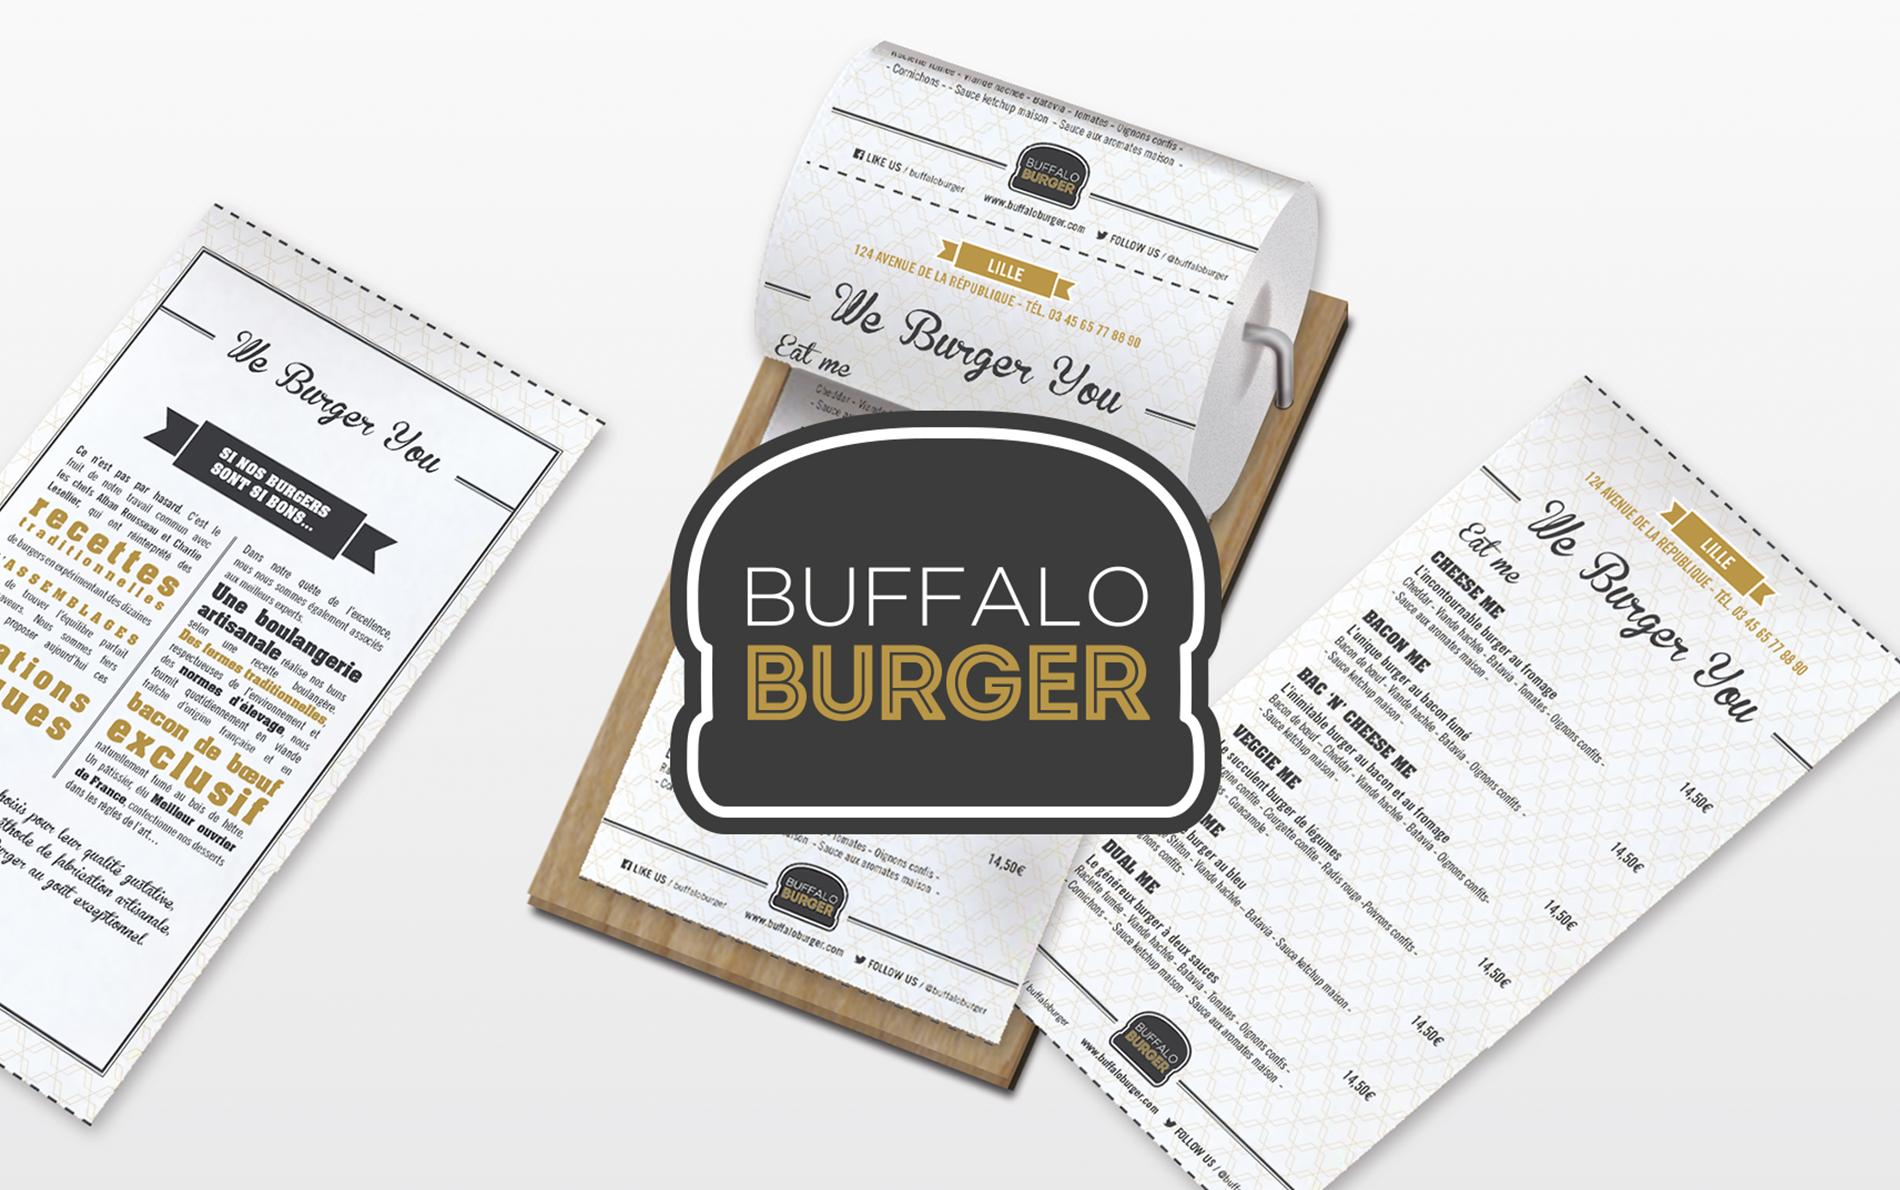 buffalo_burger_01